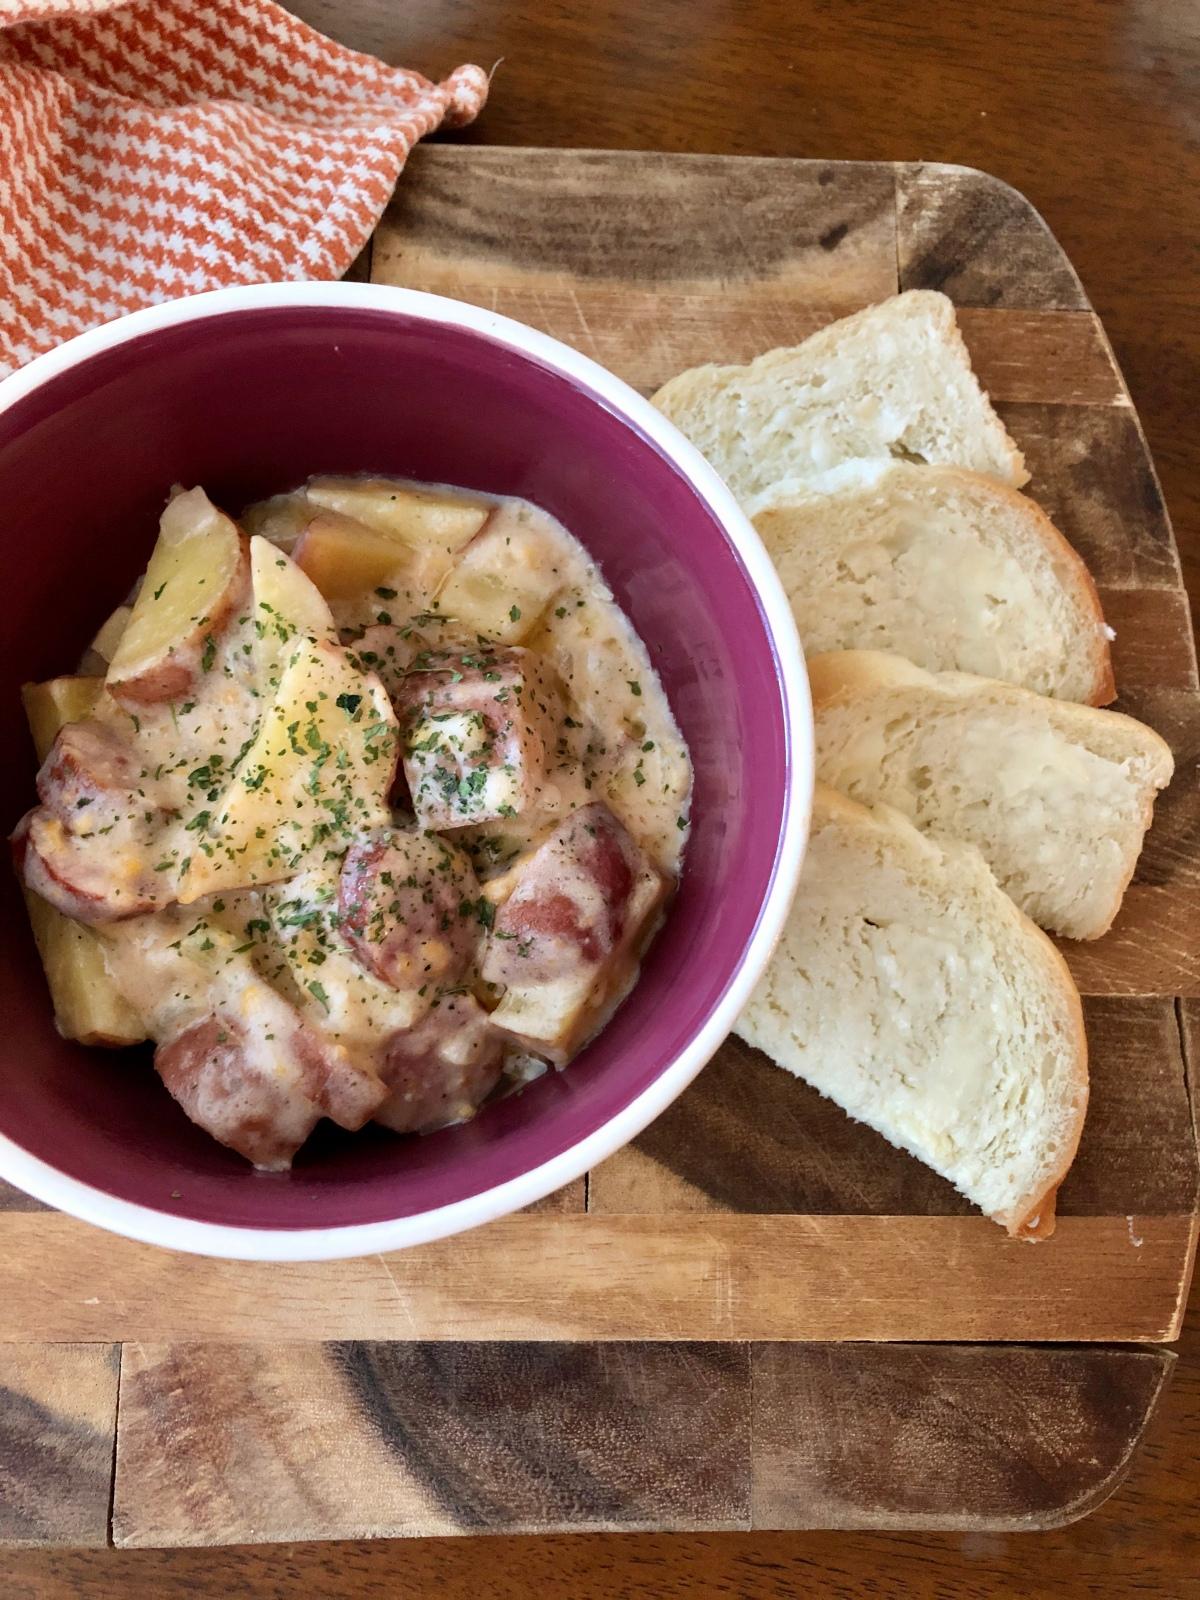 Crockpot sausage andpotatoes